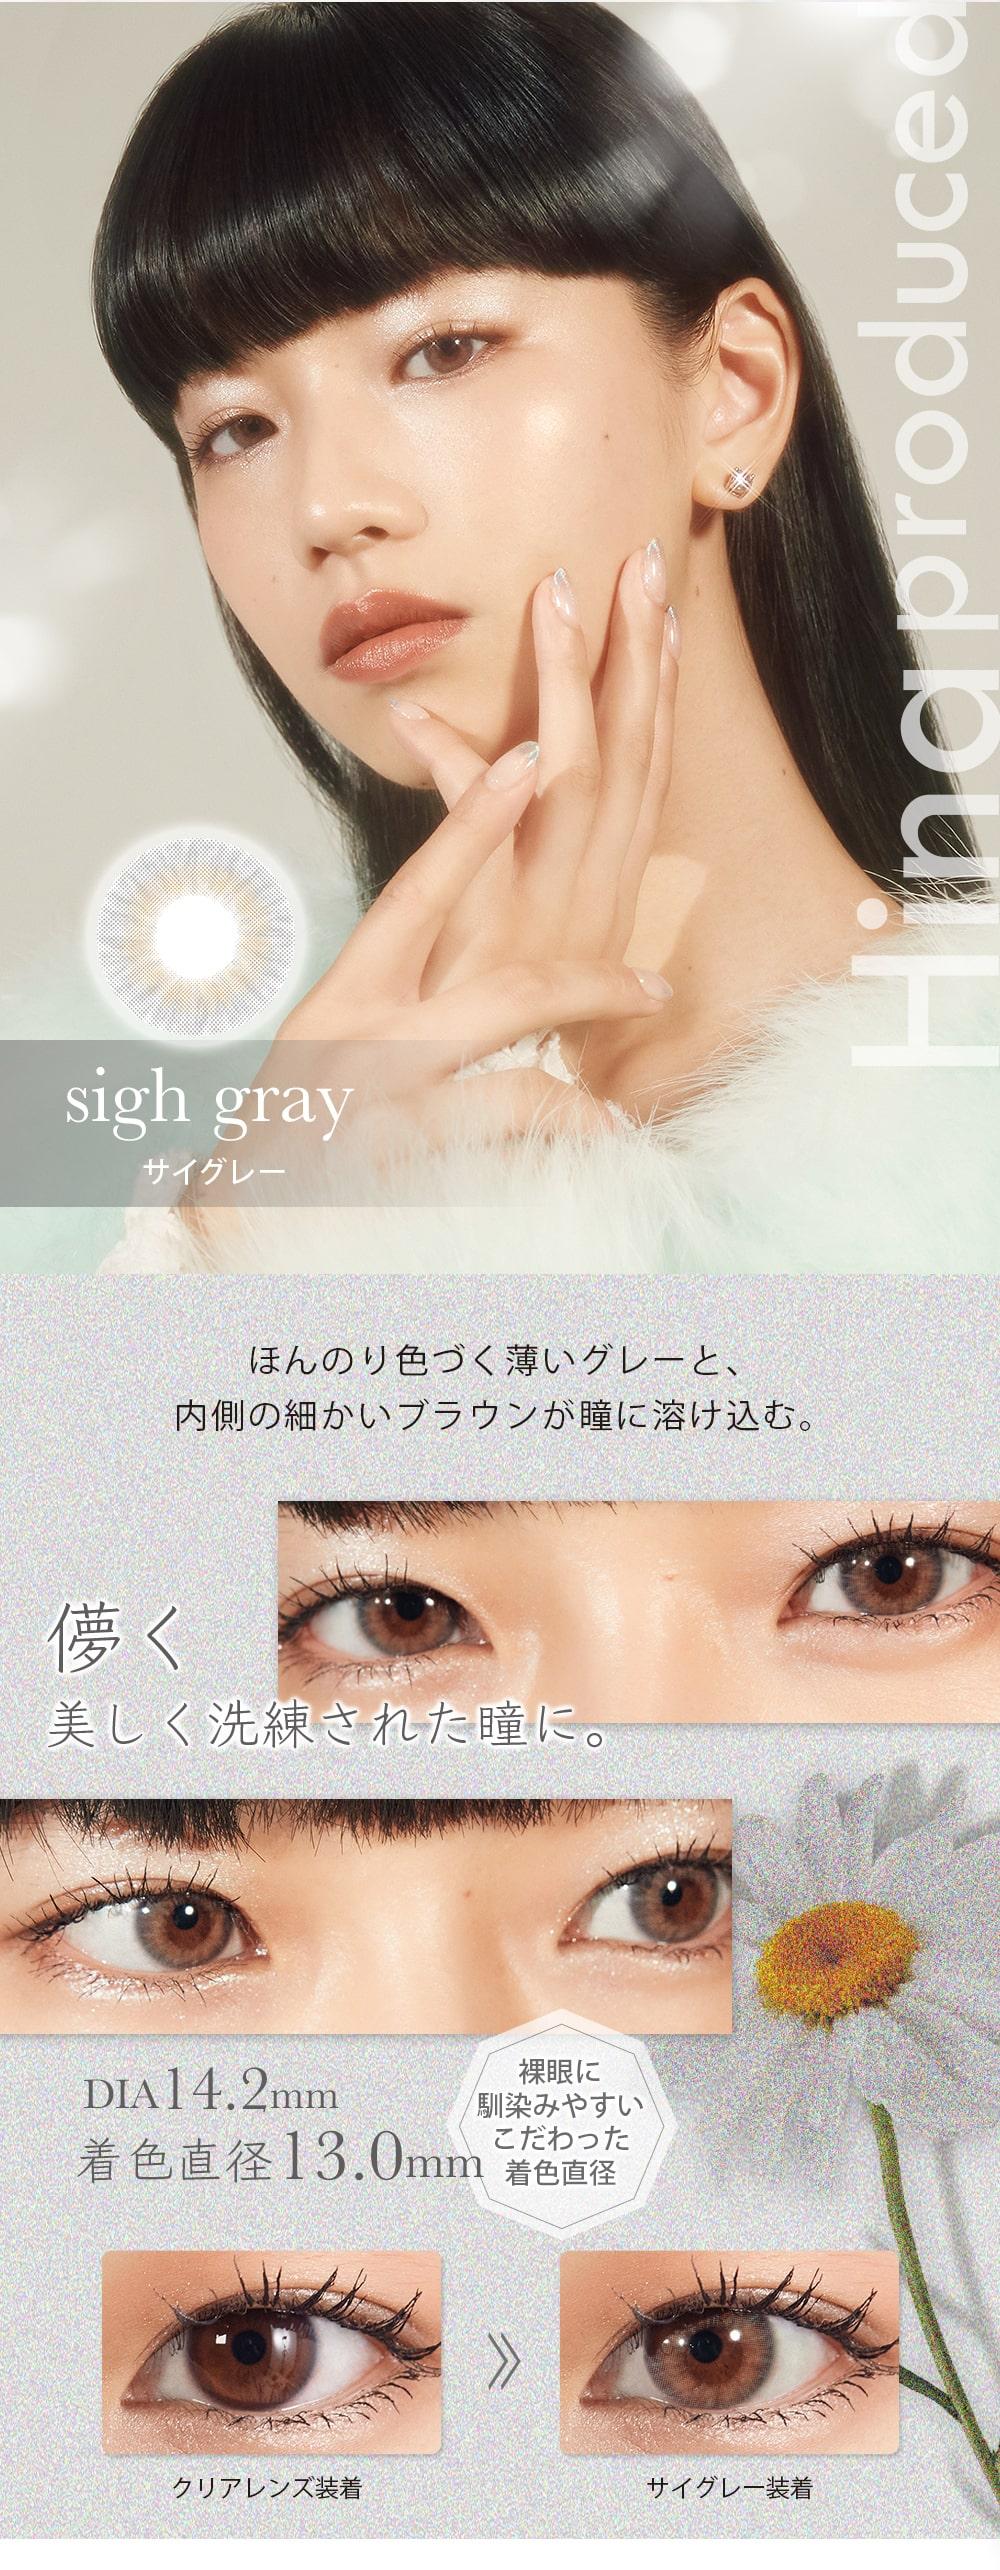 ほんのり色づく薄いグレーと、内側の細かいブラウンが瞳に溶け込む。儚く、吸い込まれるような瞳に。サイグレー